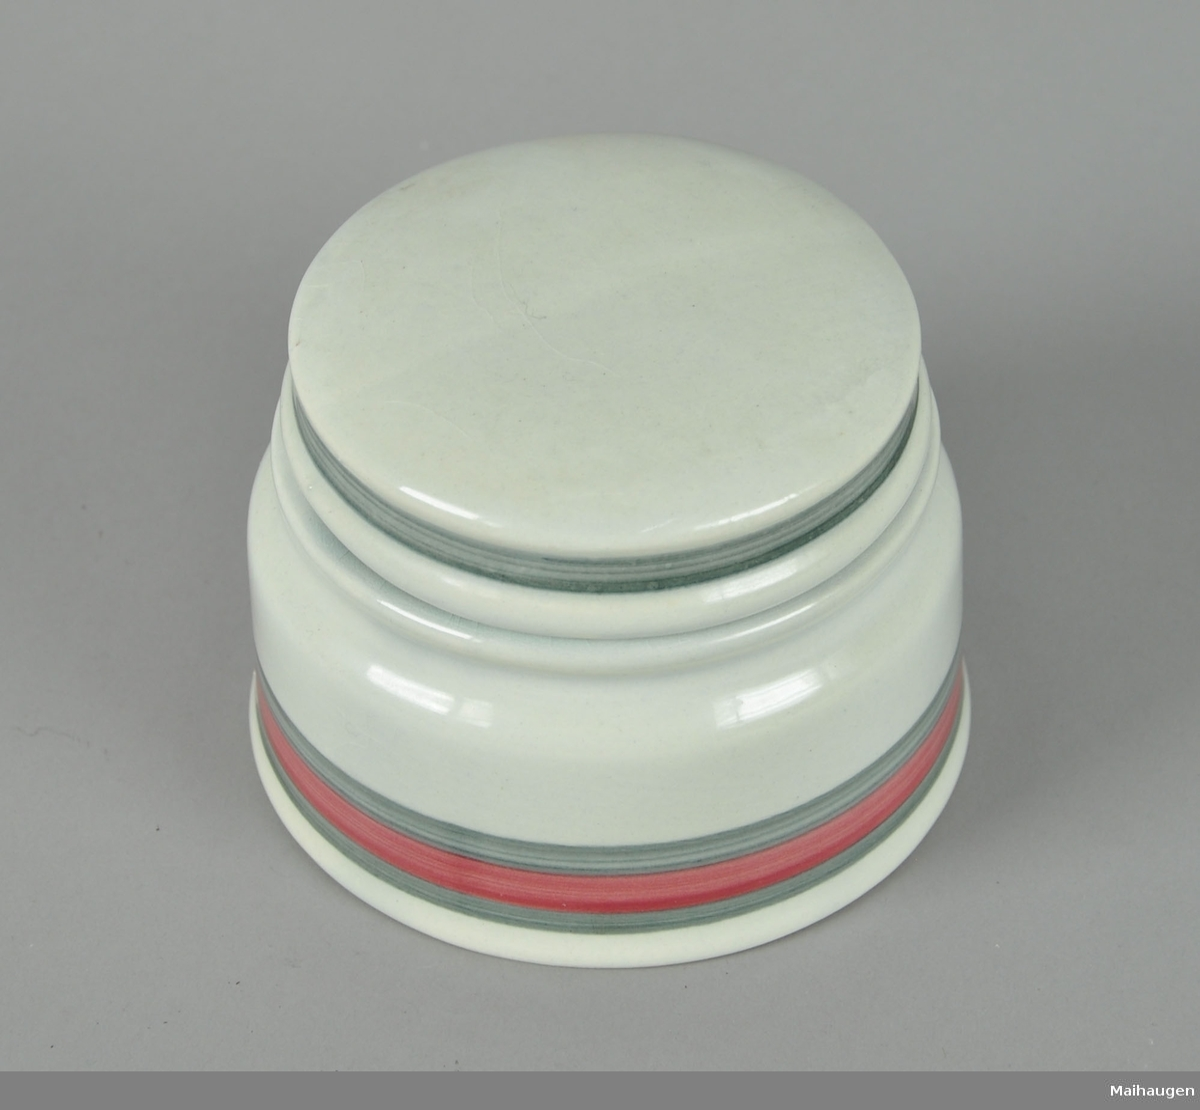 Skål med lokk, av glassert keramikk. Har påmalte striper på lokk og korpus i grå og røde farger. Har eldre sukkerpakker på innsiden.